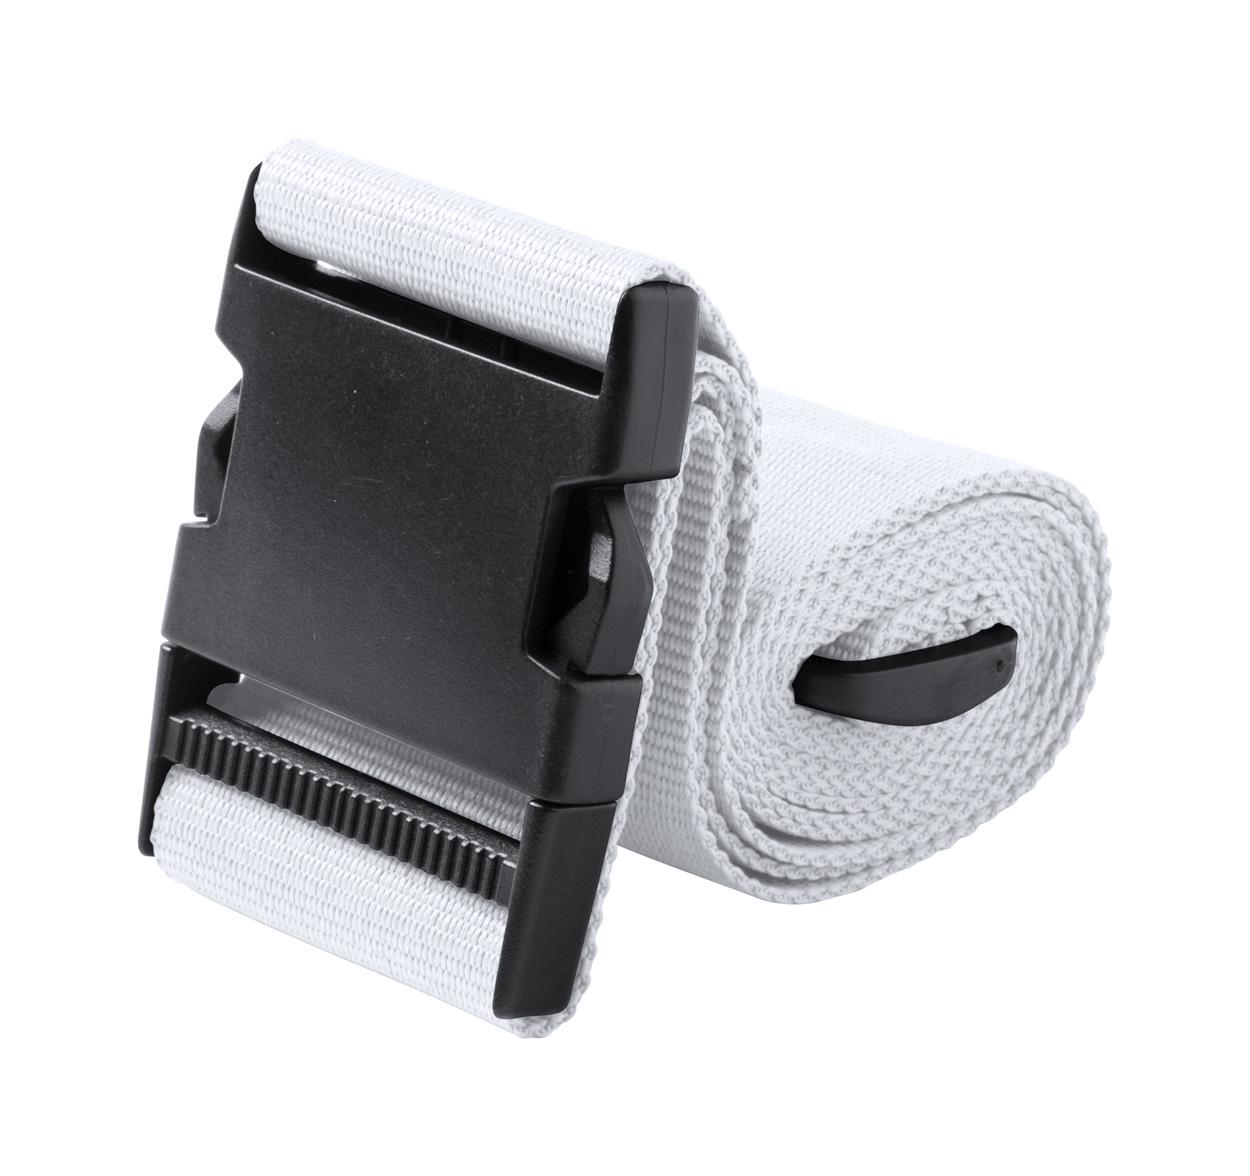 Ripley luggage strap